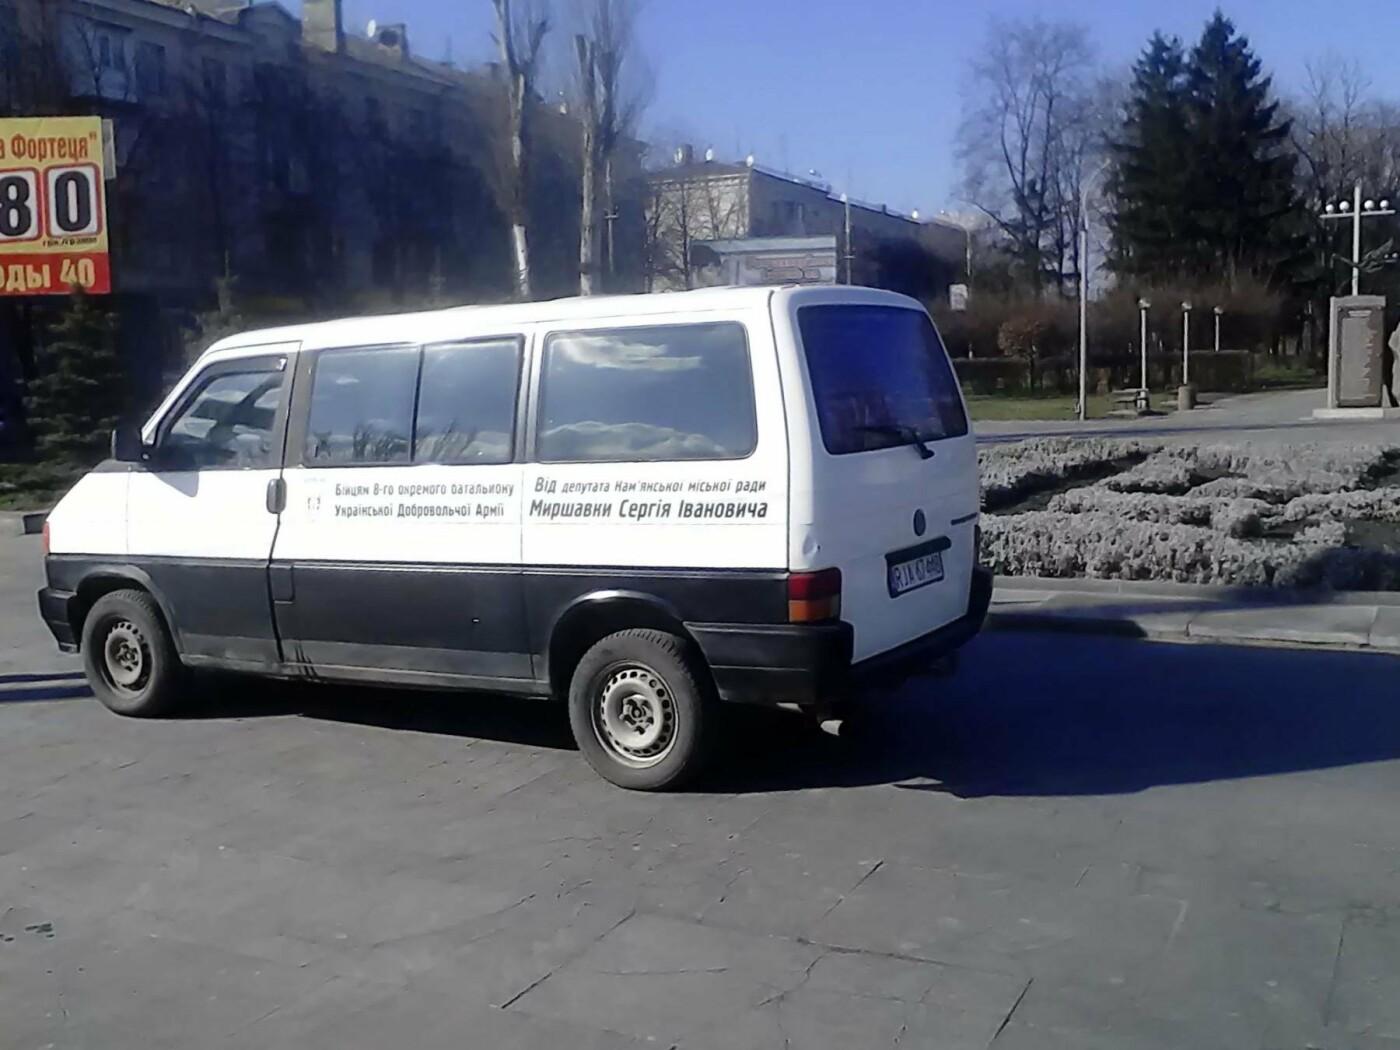 В помощь бойцам АТО: депутат из Каменского Сергей Мыршавка передал на передовую автомобиль, фото-2